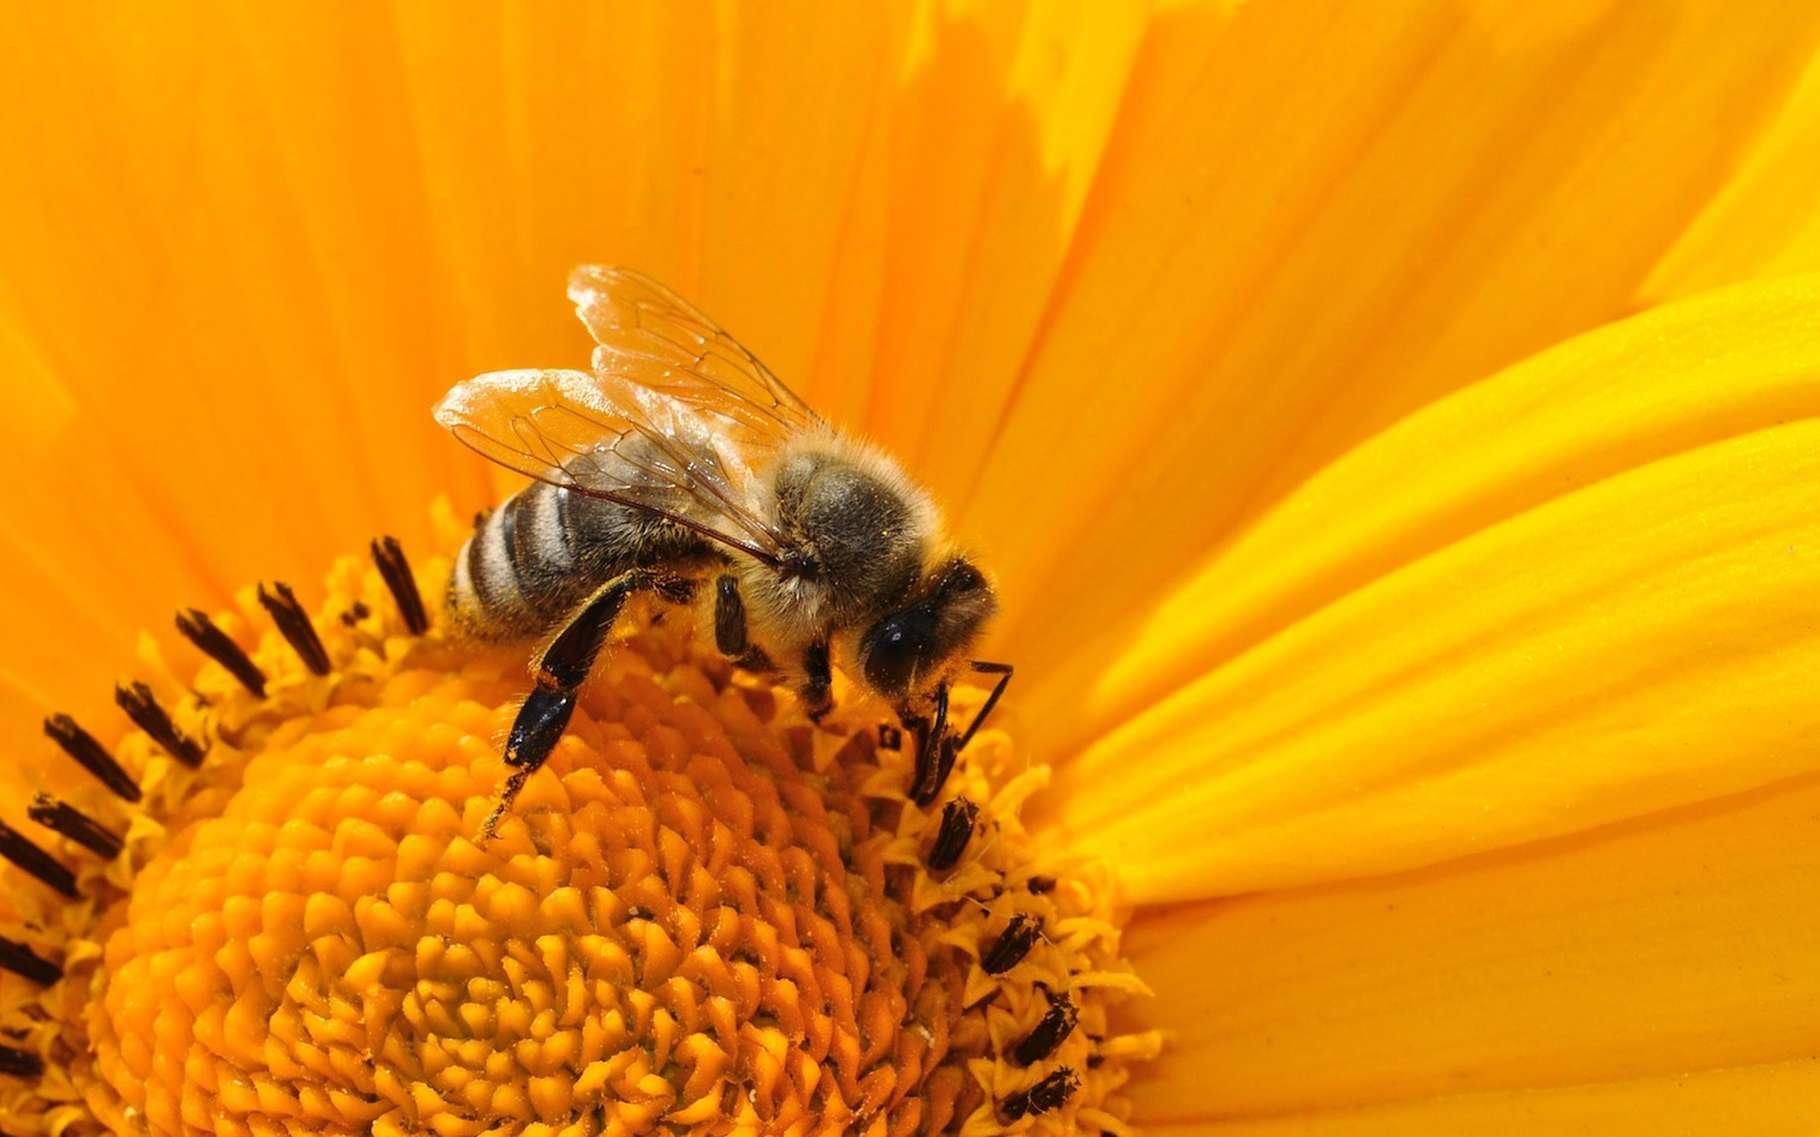 Une collaboration de plusieurs instituts a permis d'établir une liste de deux cents plantes nectarifères et pollinifères. Ce document est à consulter, entre autres, sur le site internet du ministère de l'Agriculture et de l'Alimentation. © katja, Fotolia